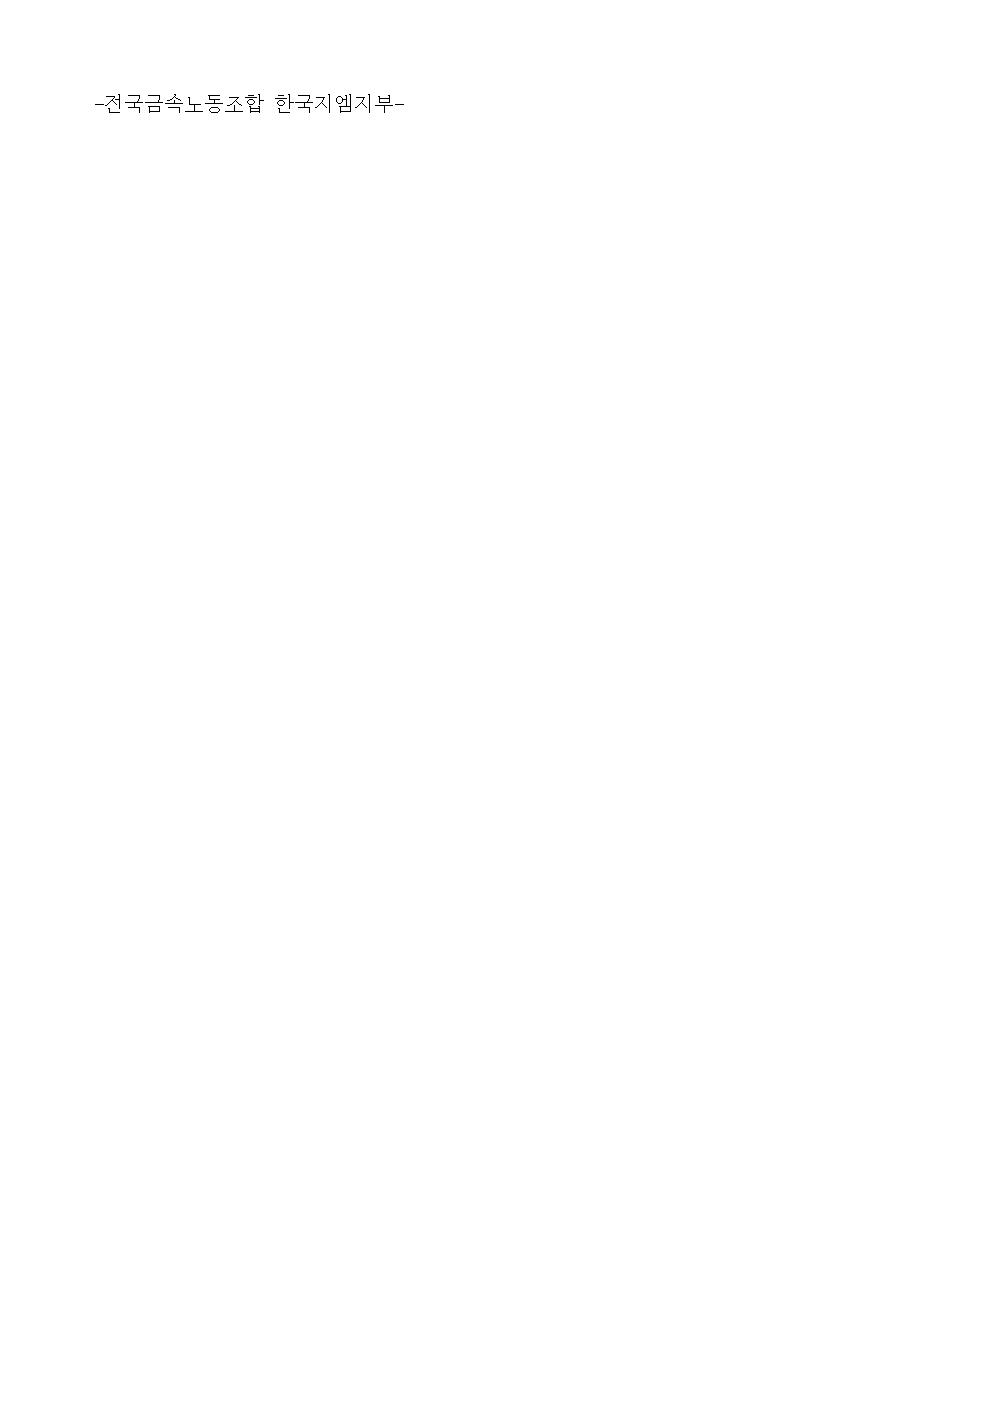 제 486차 간부합동회의결과 (3)002.jpg